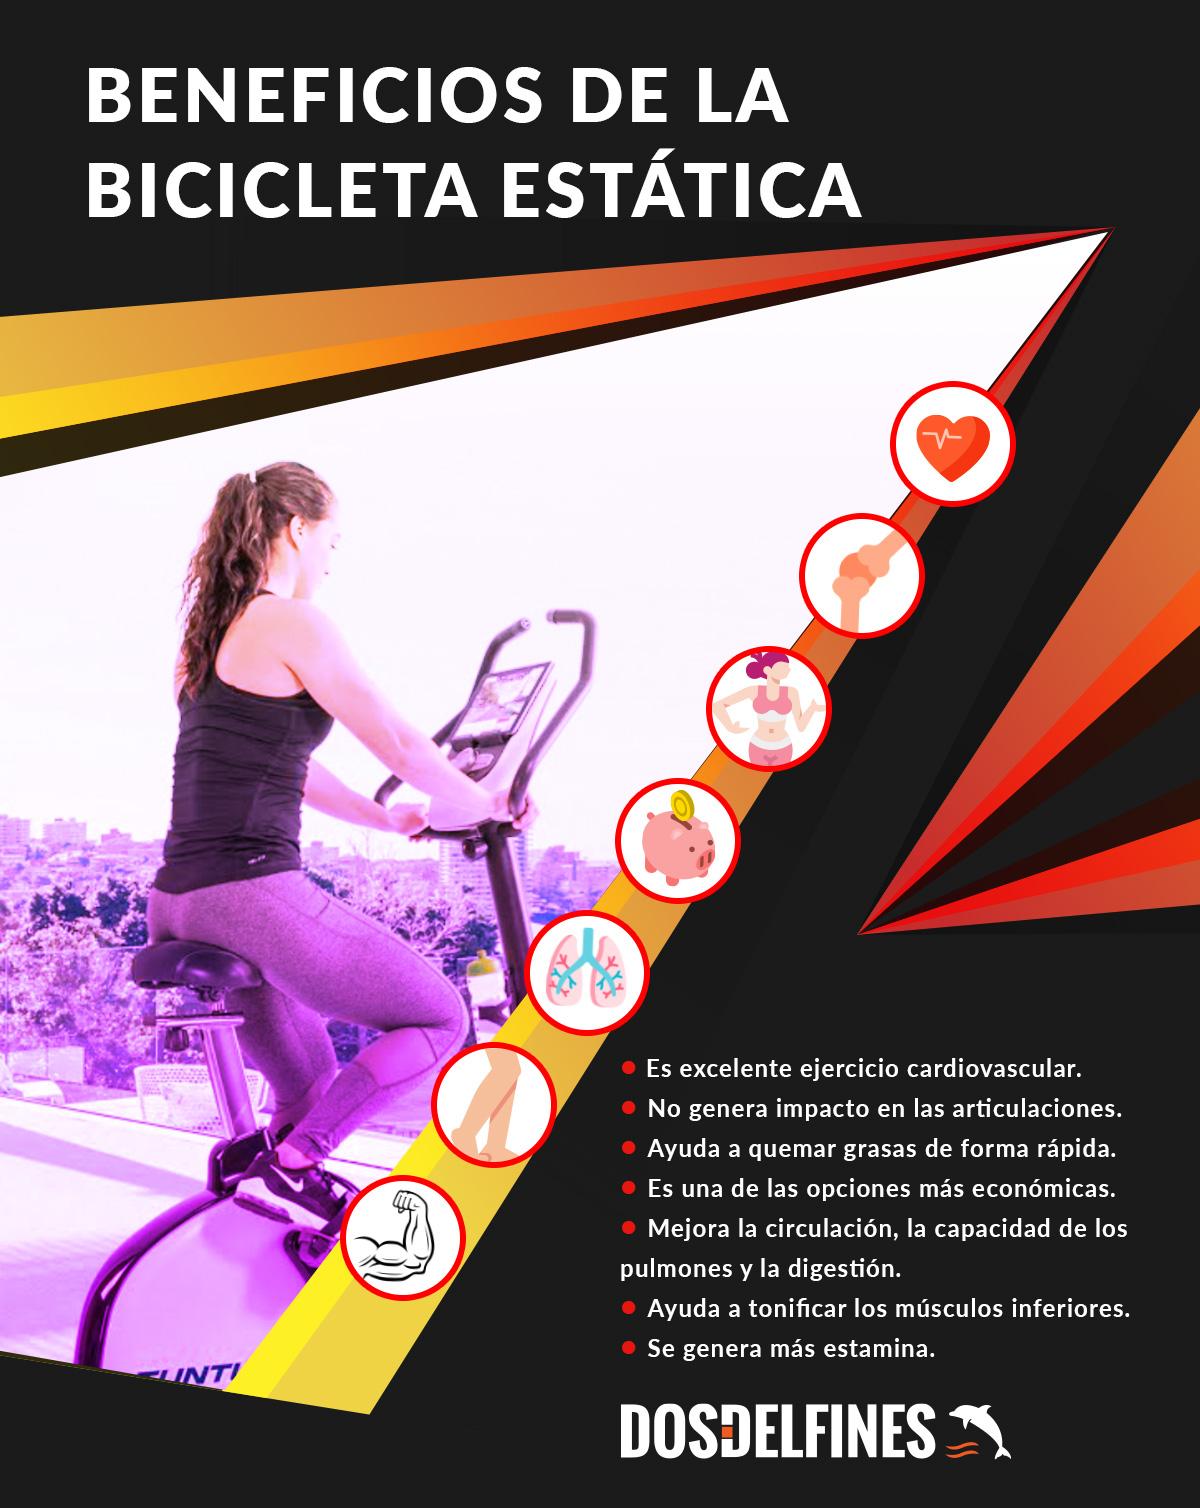 Qué beneficios trae la bicicleta estática - dosdelfines.es